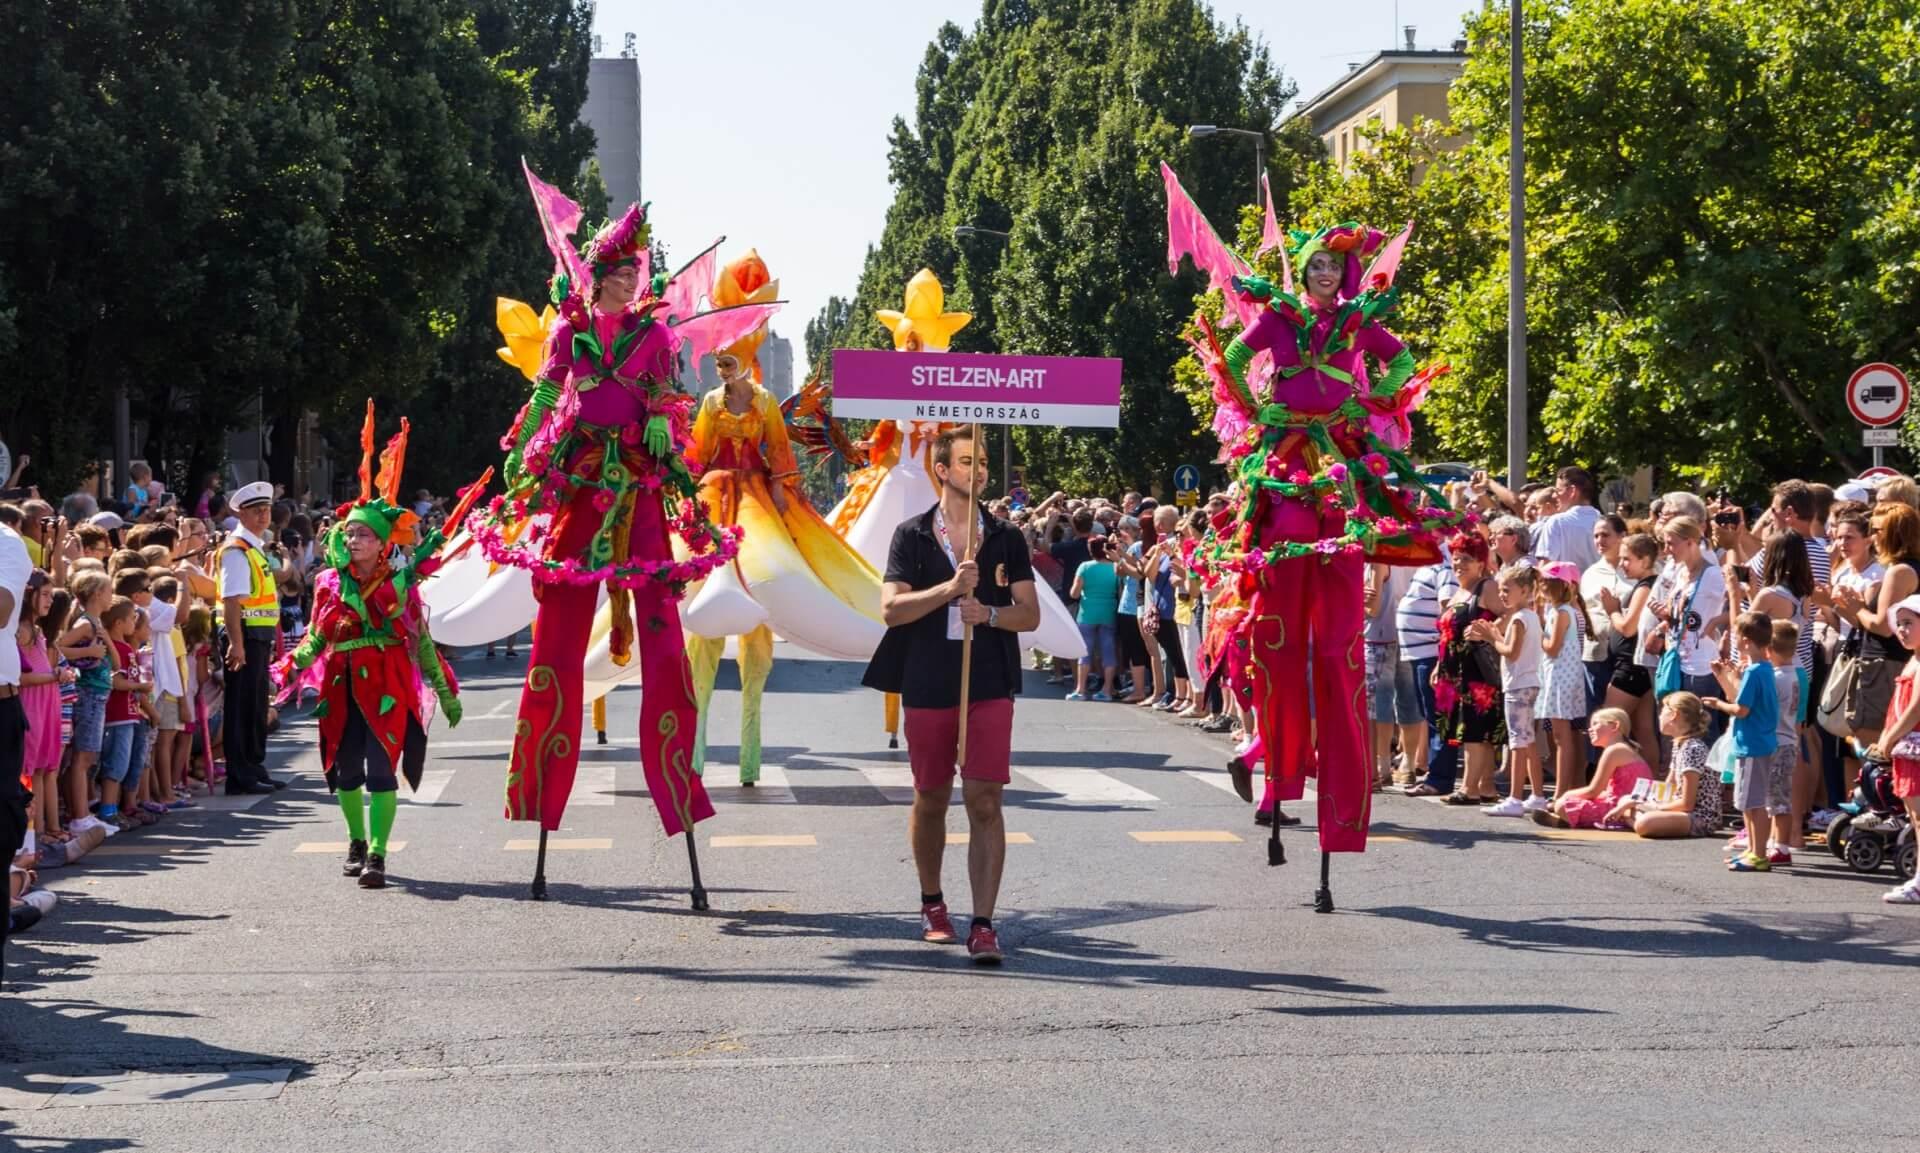 Blumenkarneval Debrecen, Stelzenart aus Deutschland